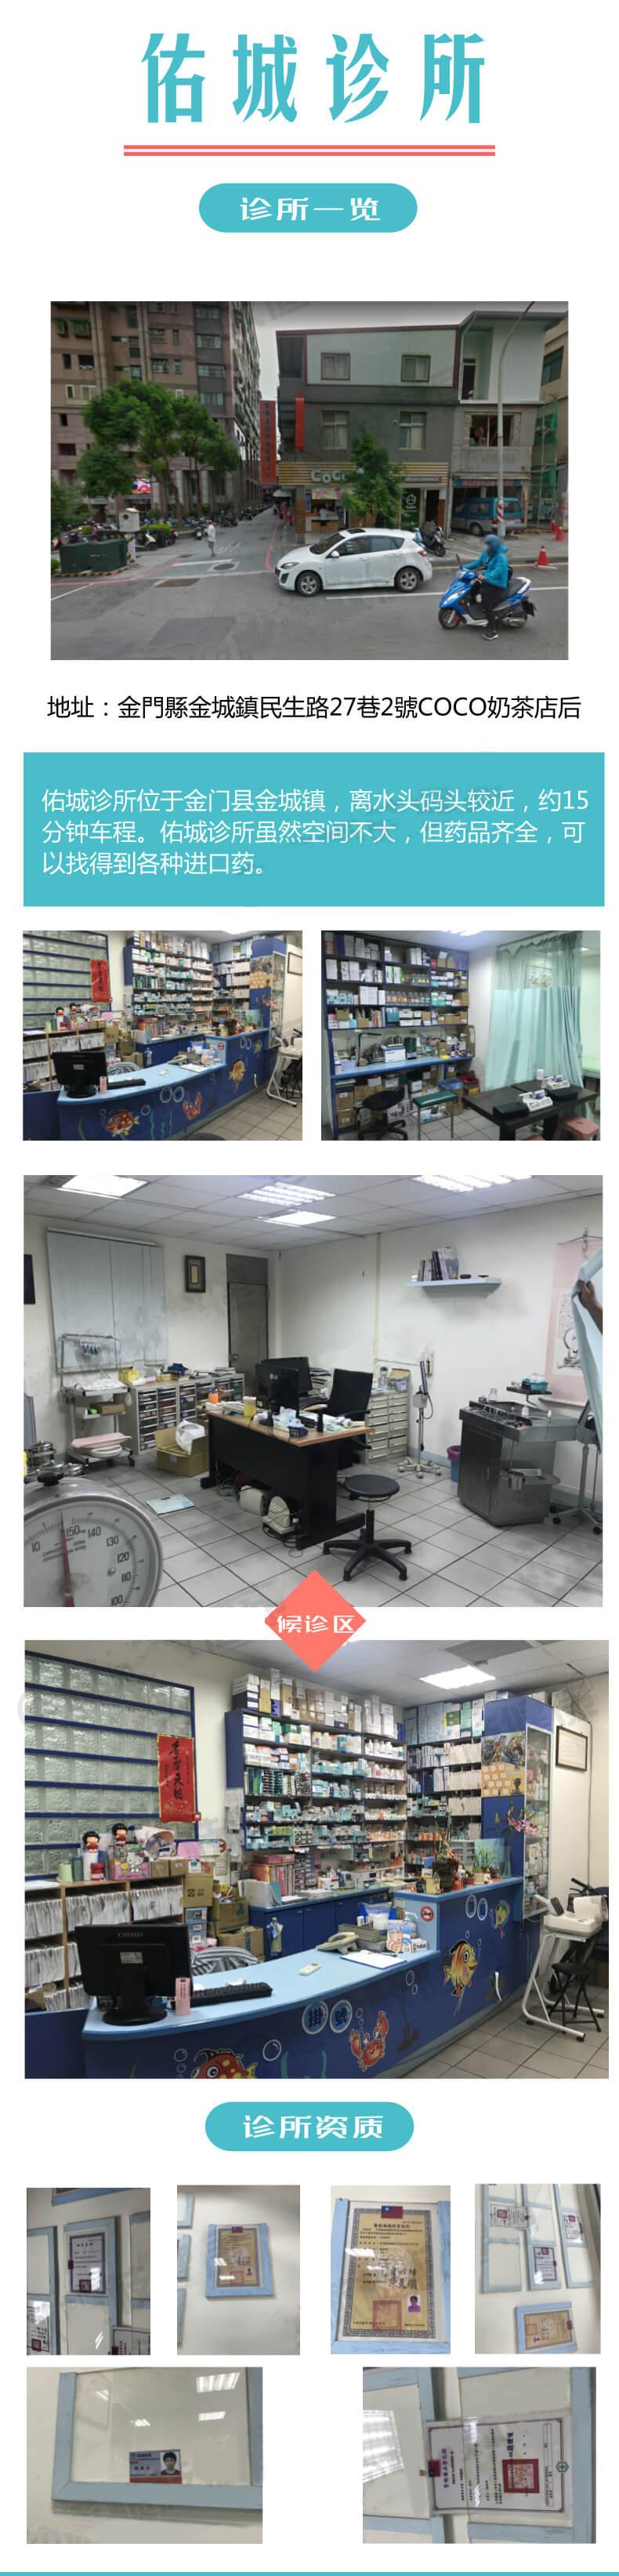 台湾金门佑城诊所2